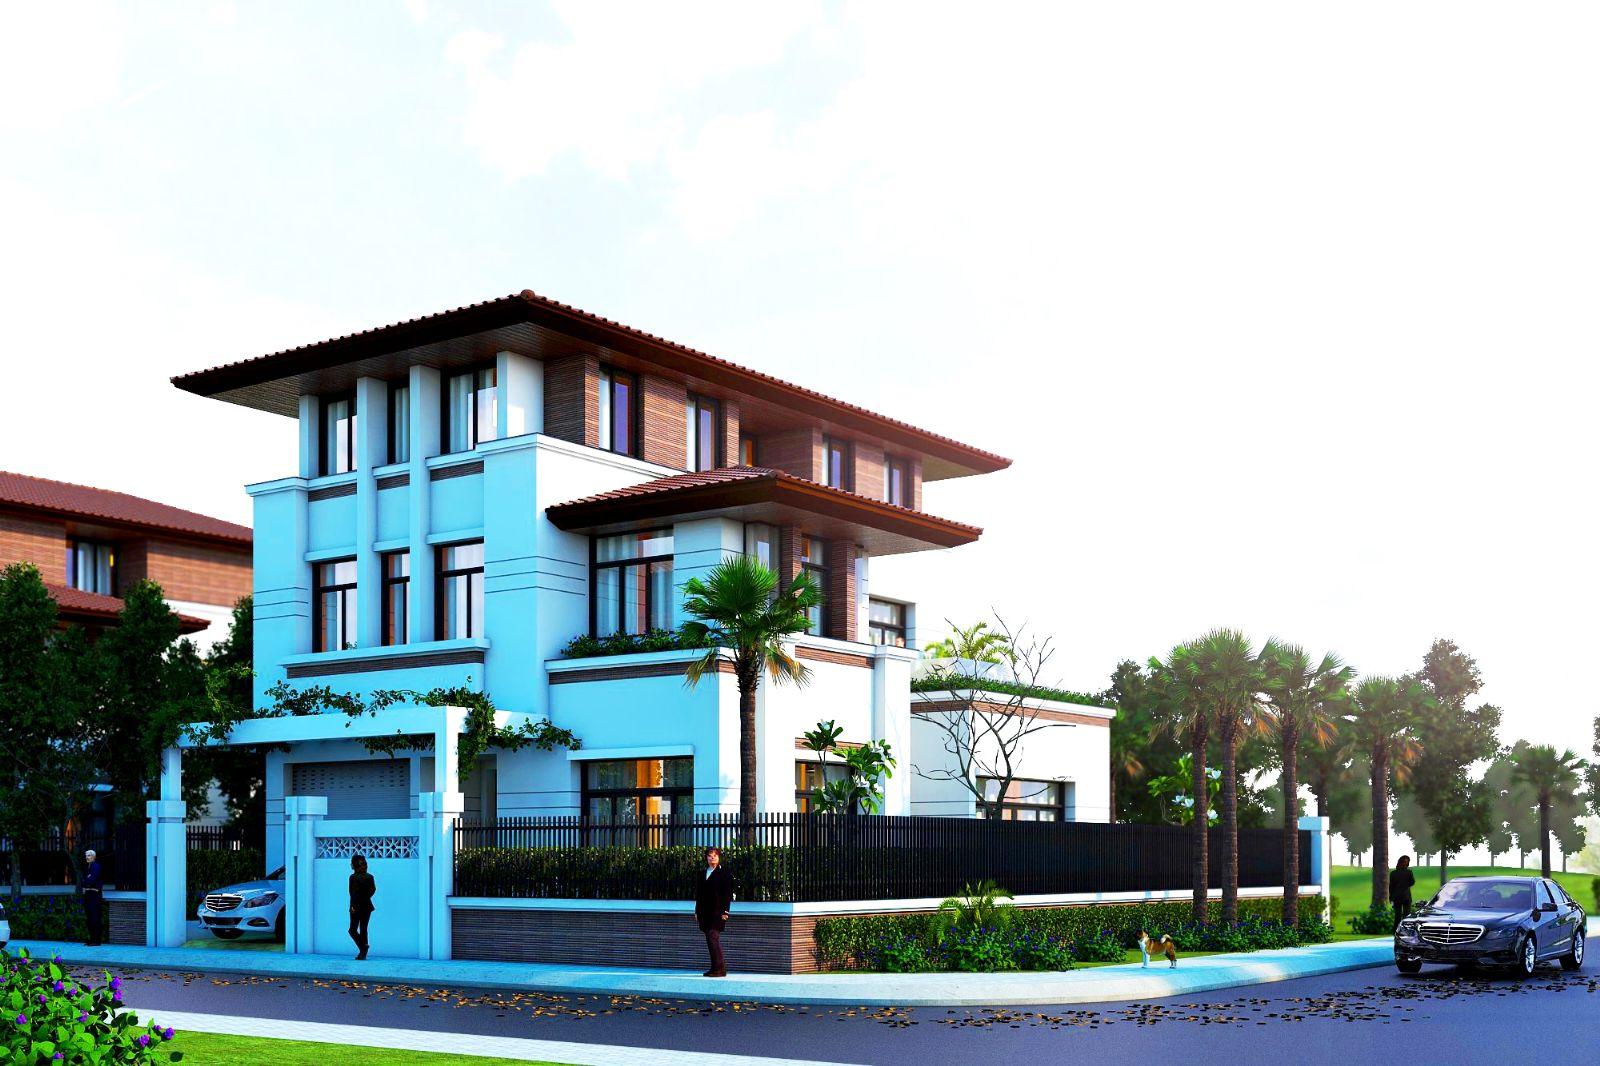 Dự án FLC Hạ Long sẽ cung cấp cho thị trường hàng trăm căn biệt thự siêu sang, hướng đến đối tượng khách hàng thượng lưu tại Quảng Ninh và các tỉnh thành miền Bắc